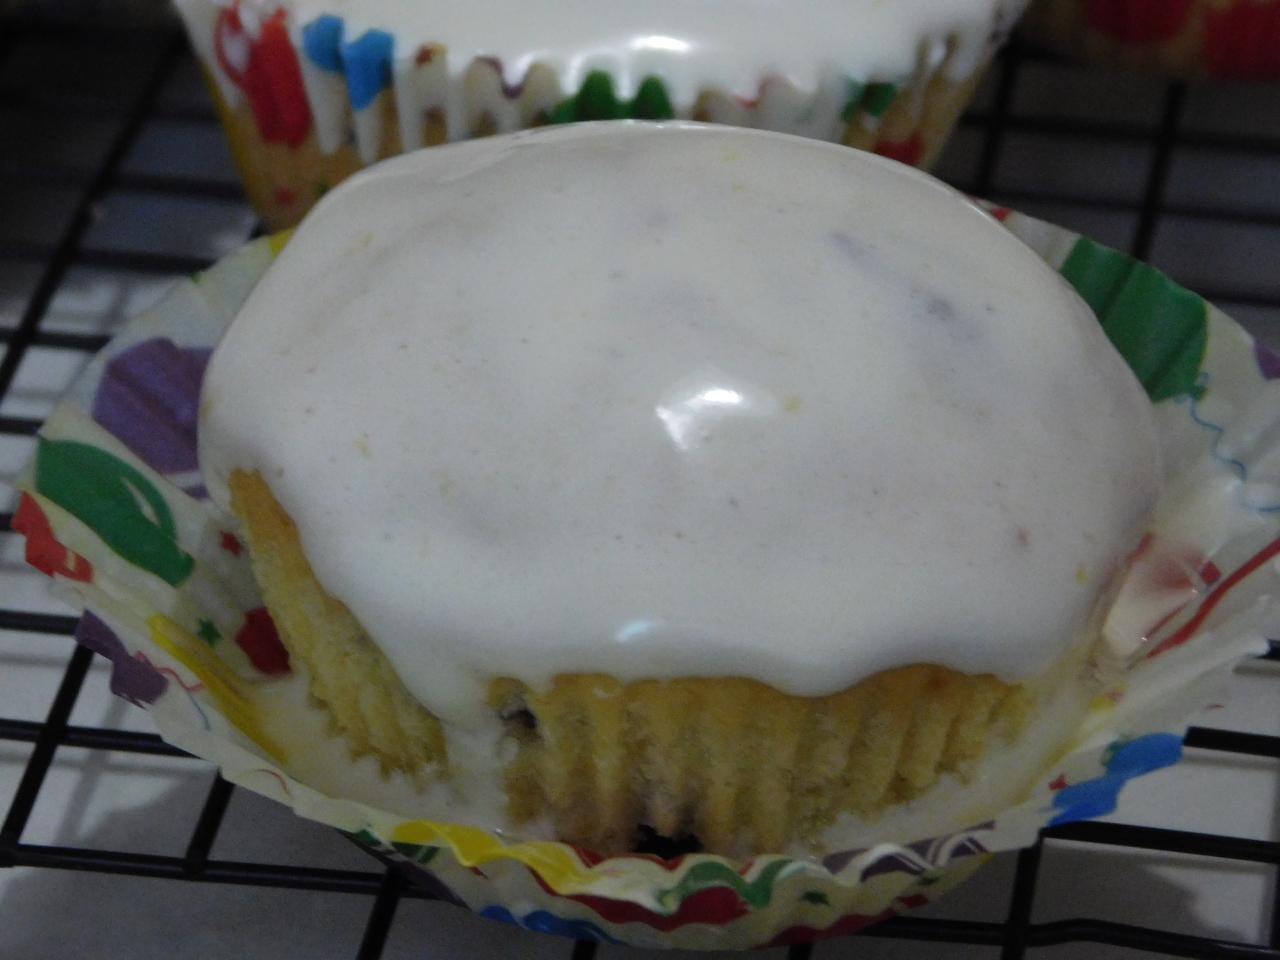 Похвастушечный кекс и обалденная глазурь на желатине (можно для куличей)